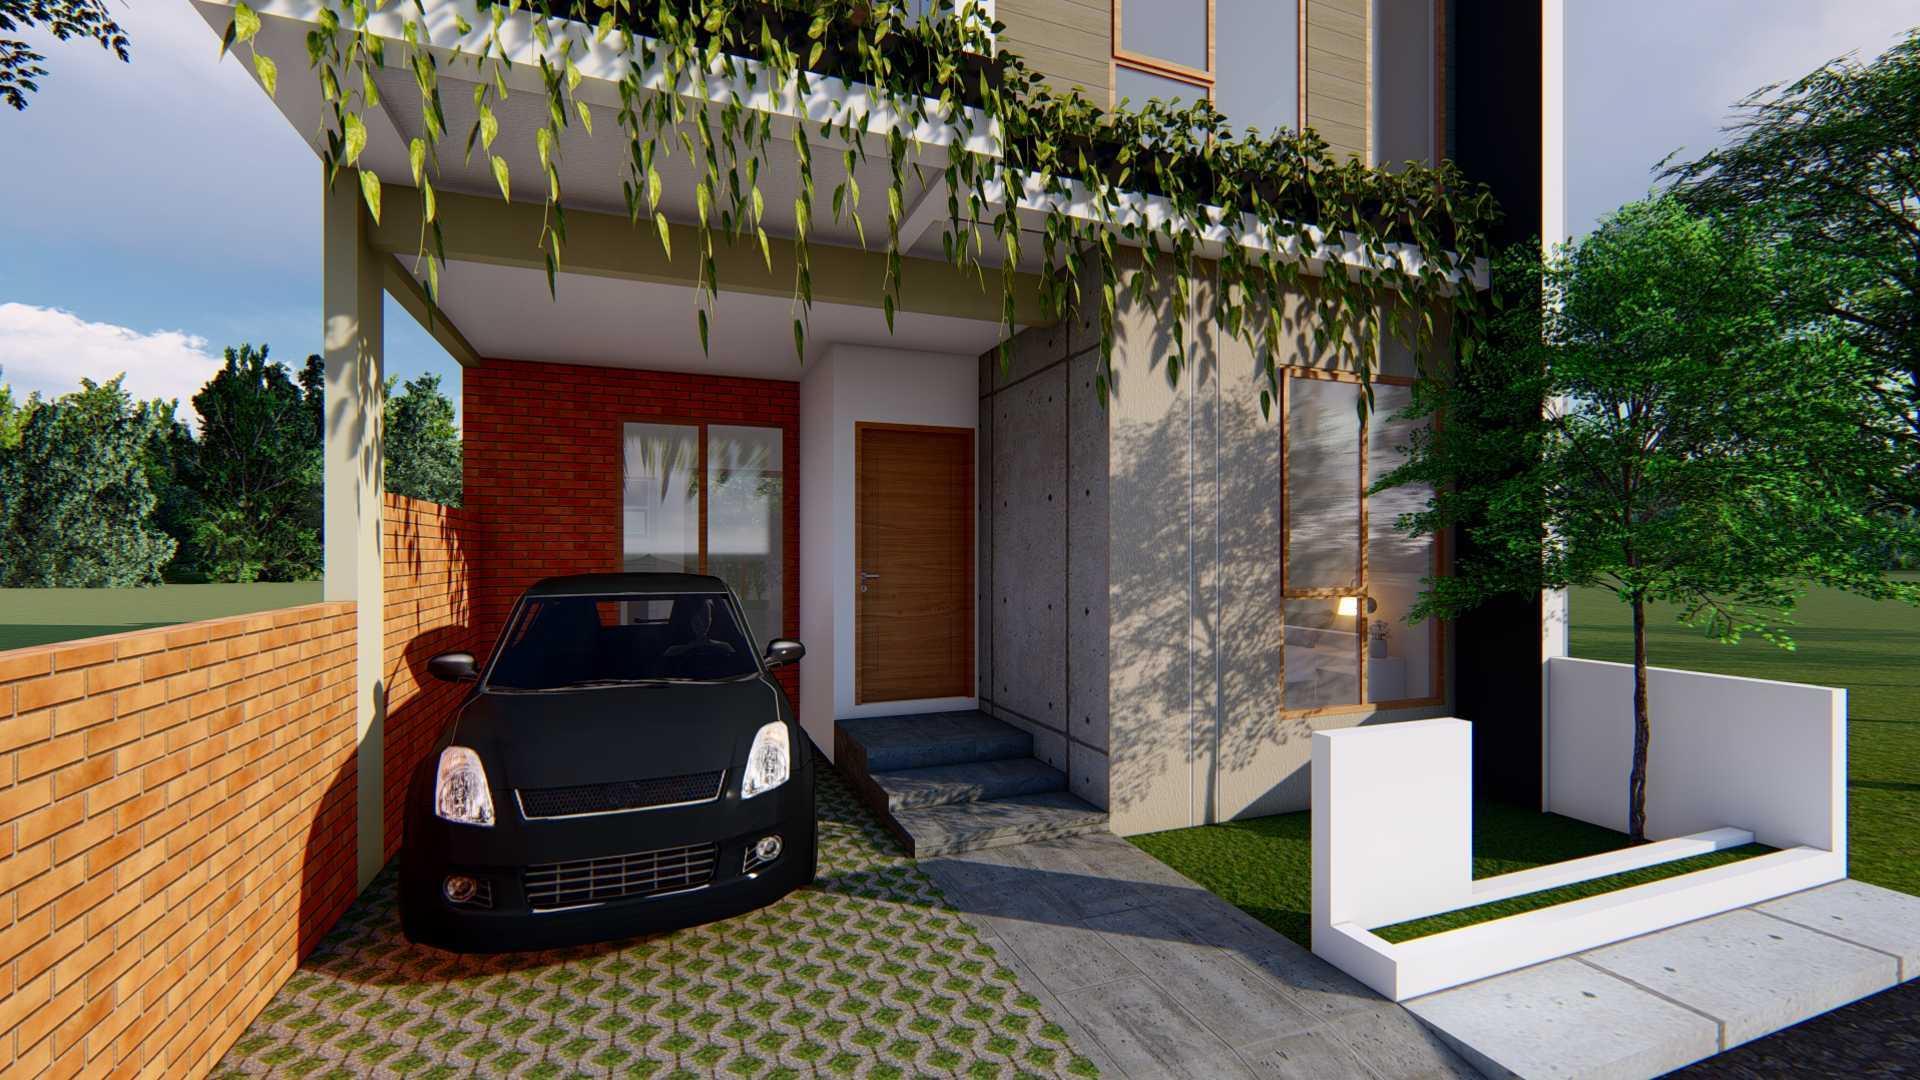 Astabumi Studio Sm House Pemalang Pemalang, Kec. Pemalang, Kabupaten Pemalang, Jawa Tengah, Indonesia Surabaya Cv-Astabumi-Manunggal-Prakarsa-Sm-House-Pemalang  119278